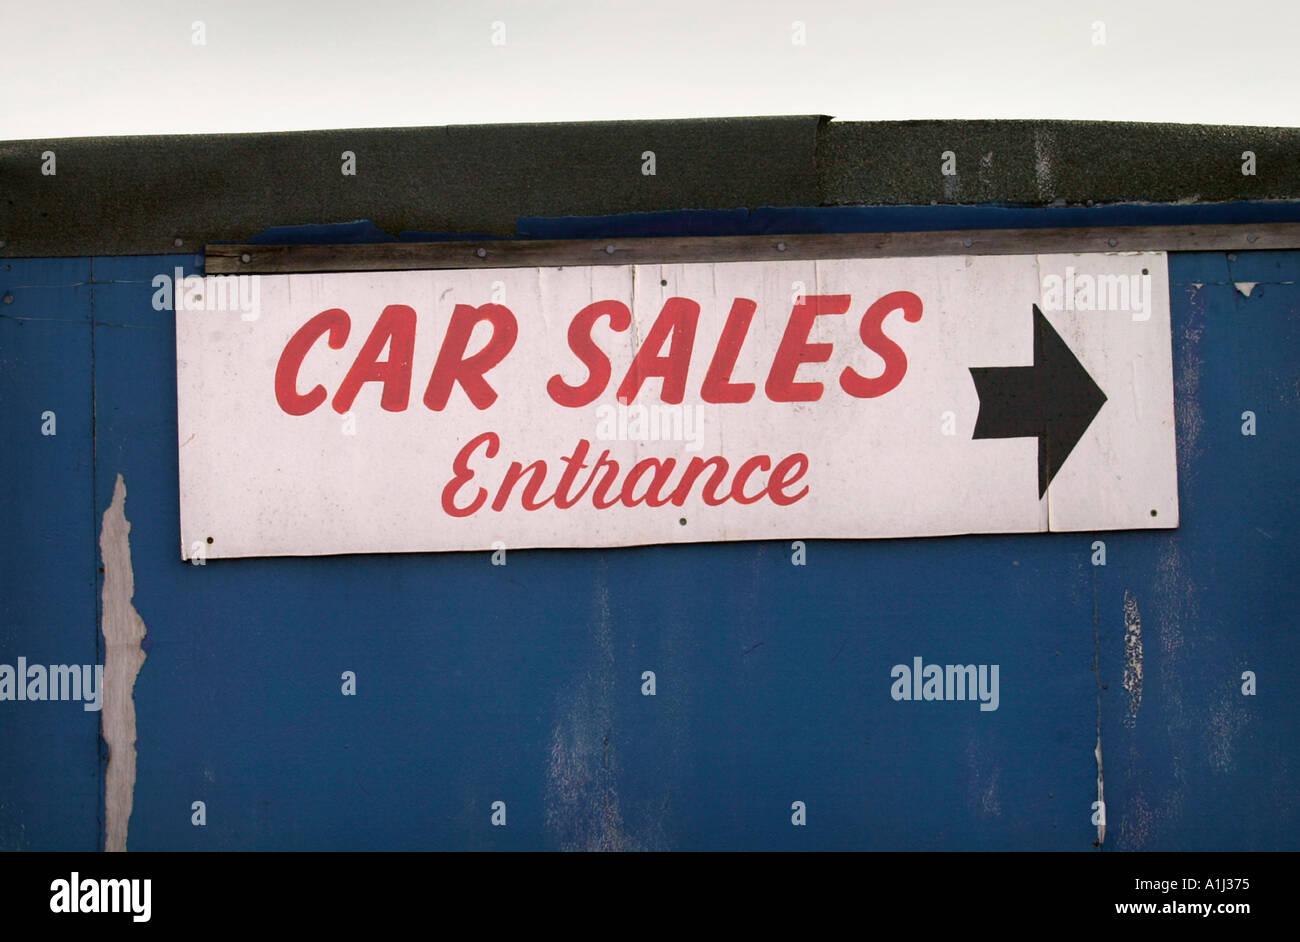 A USED CAR DEALERSHIP UK - Stock Image